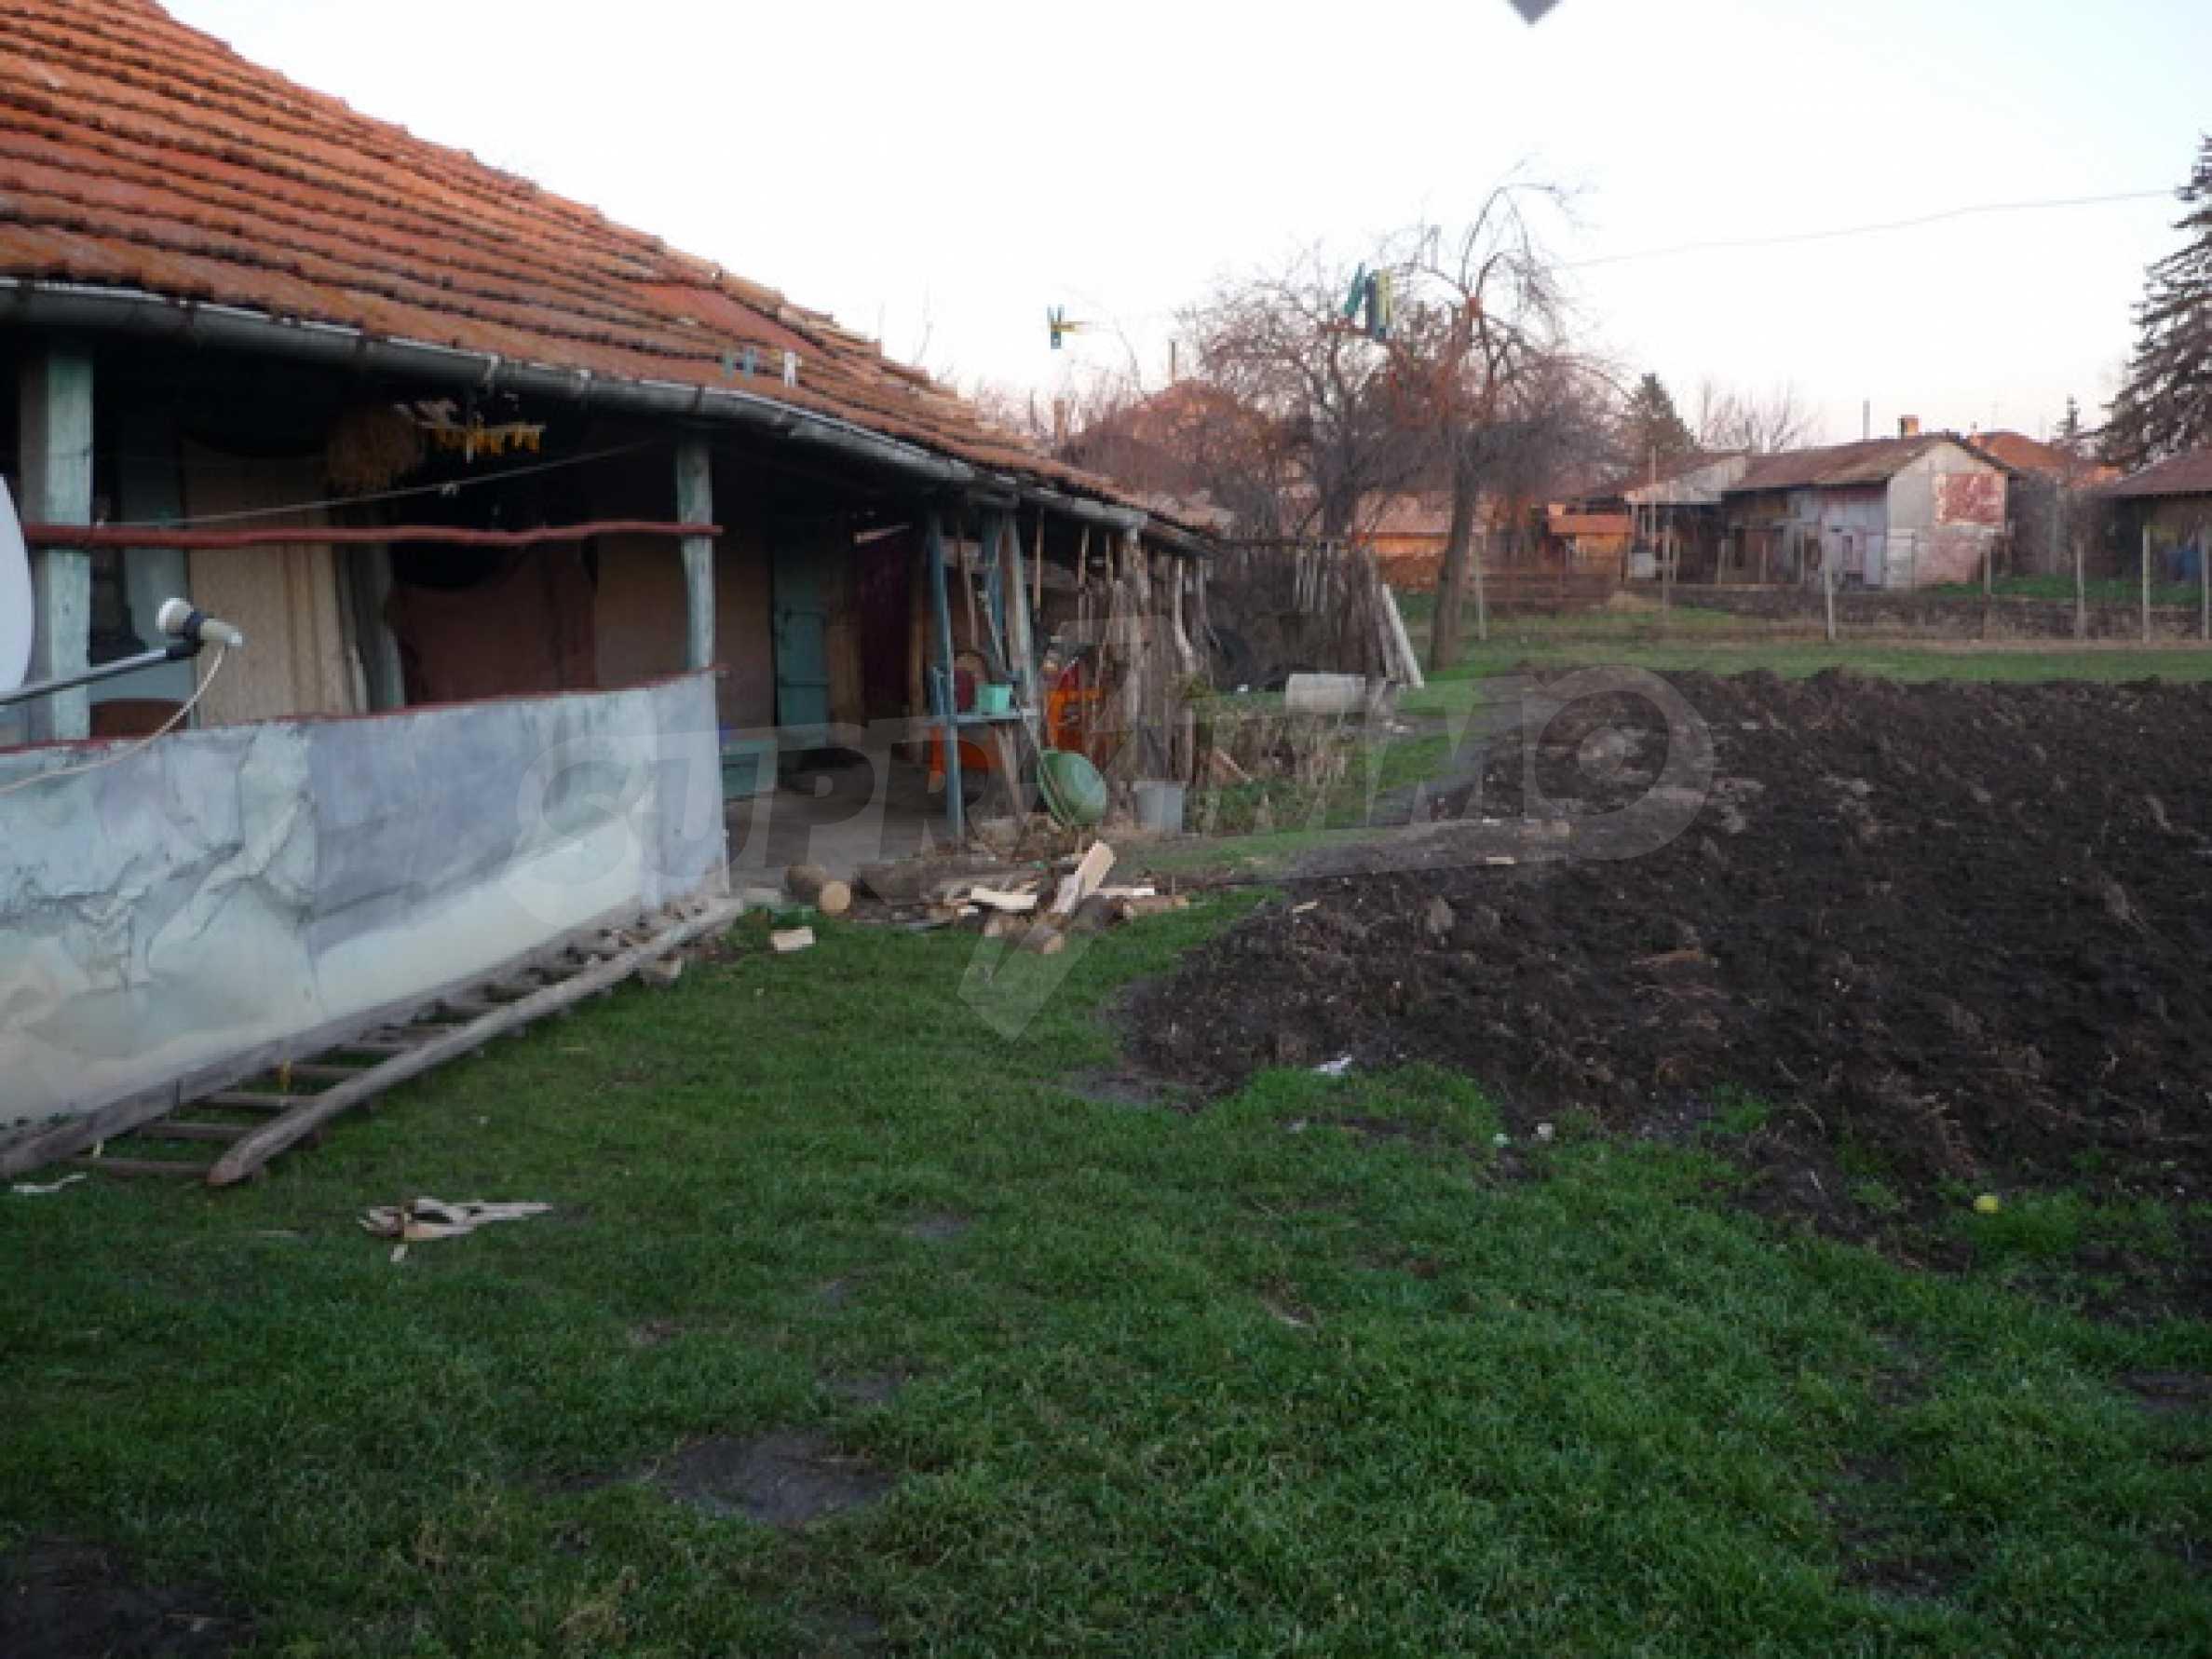 Zweistöckiges Haus zum Verkauf in einem Dorf 40 km von Veliko Tarnovo entfernt 12